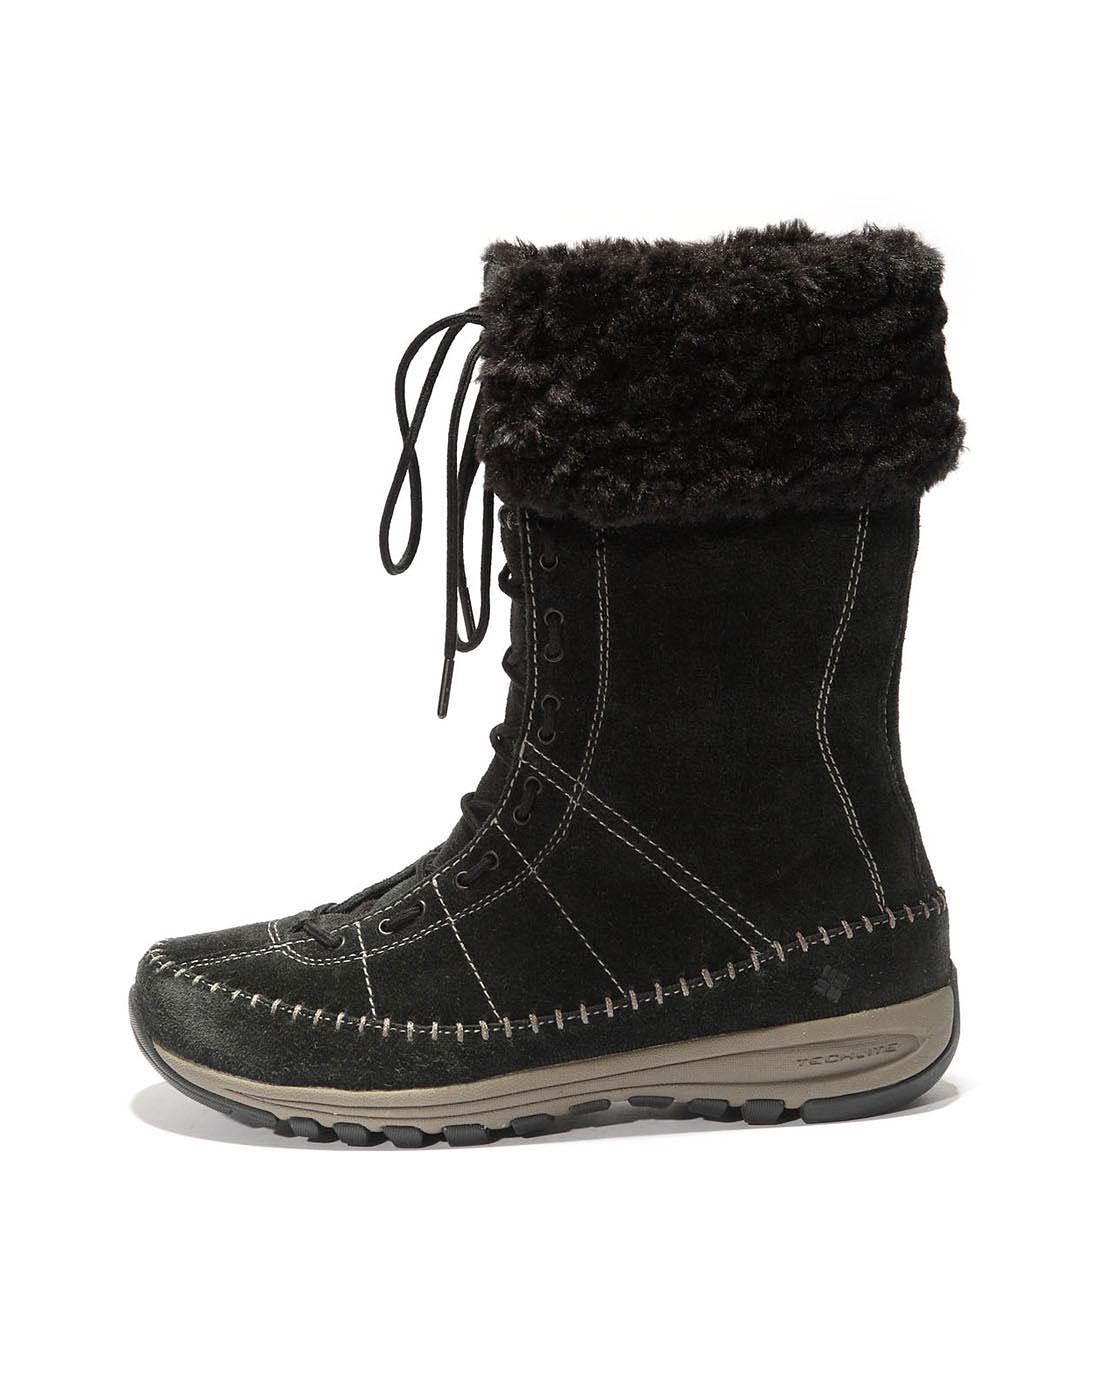 休闲鞋bl1461-010